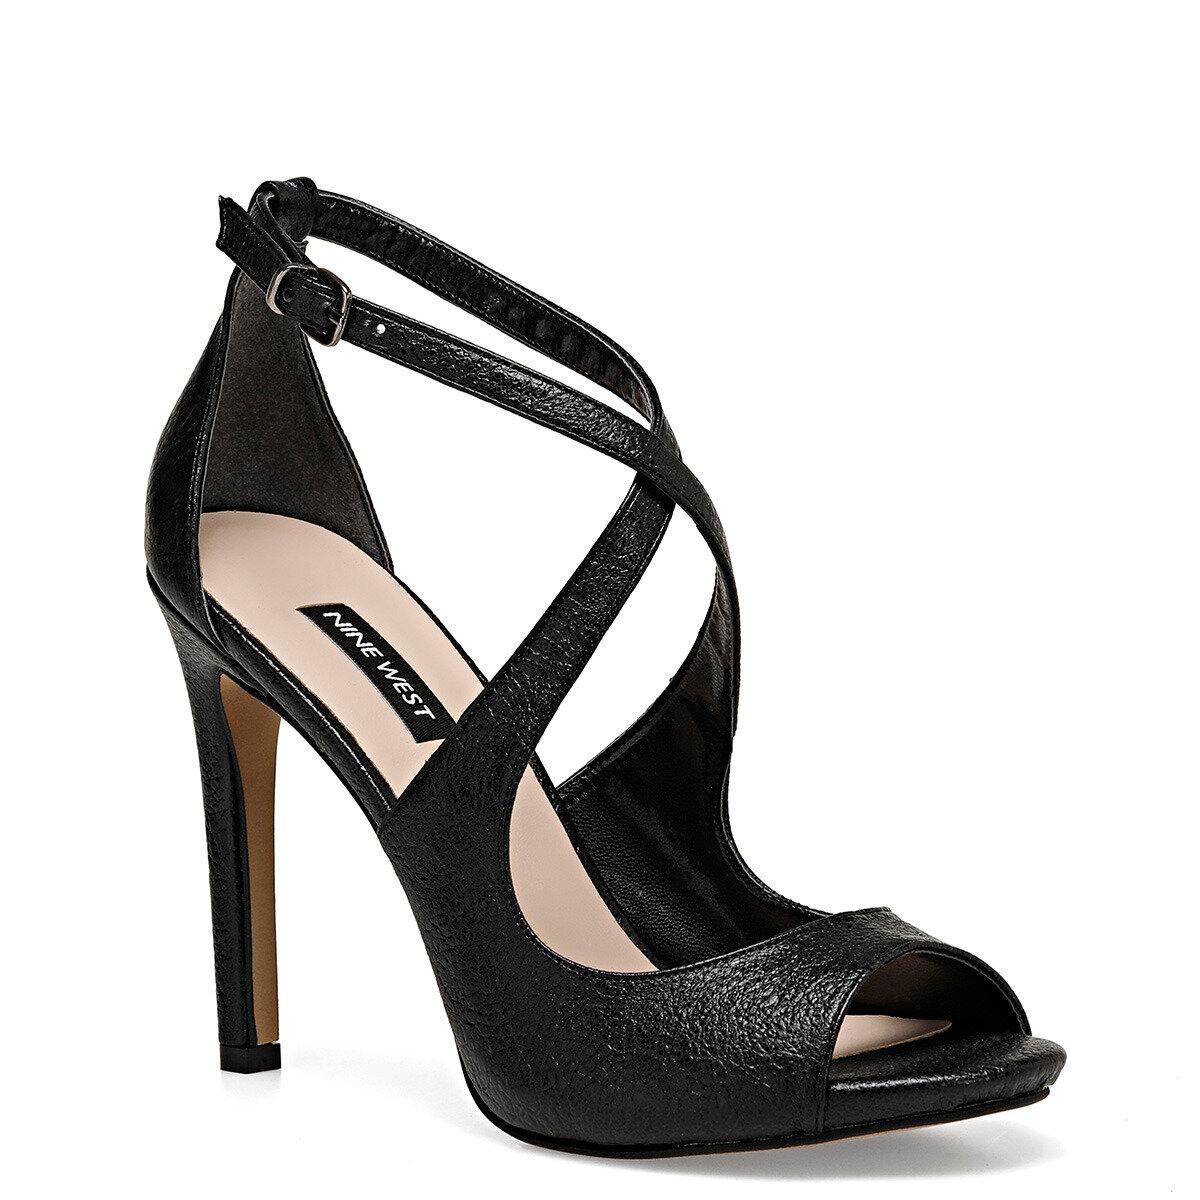 MILLA Siyah Kadın Topuklu Ayakkabı